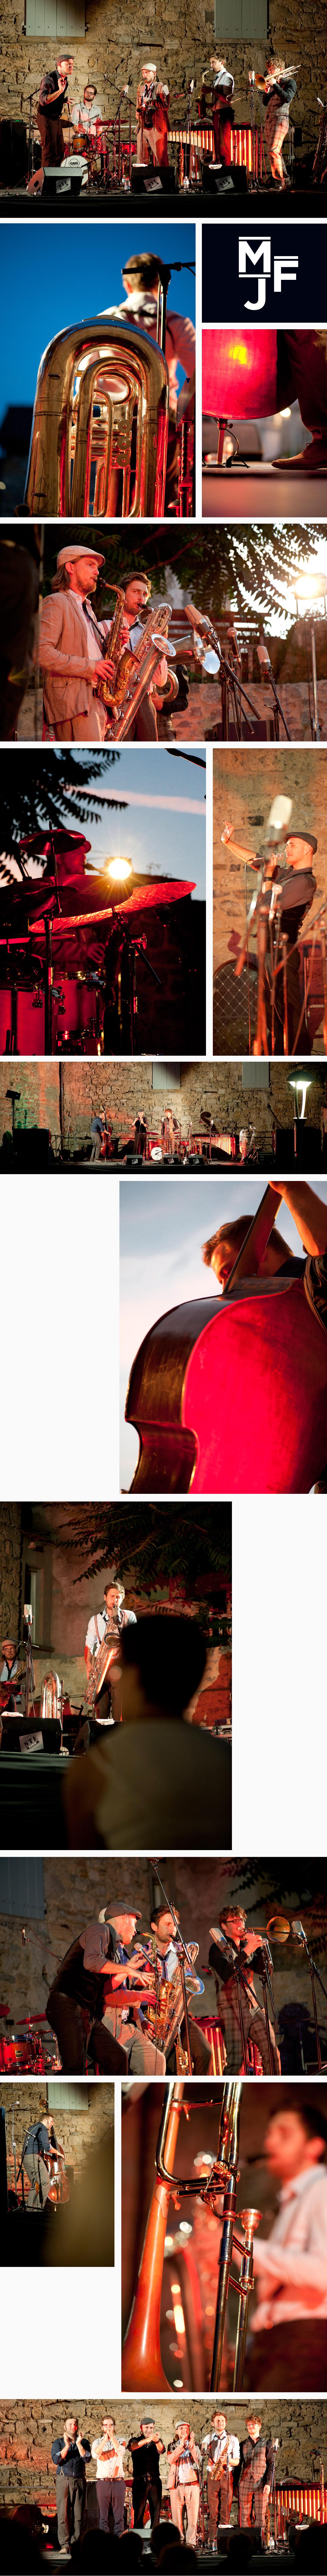 Hildegard Lernt Millau en Jazz